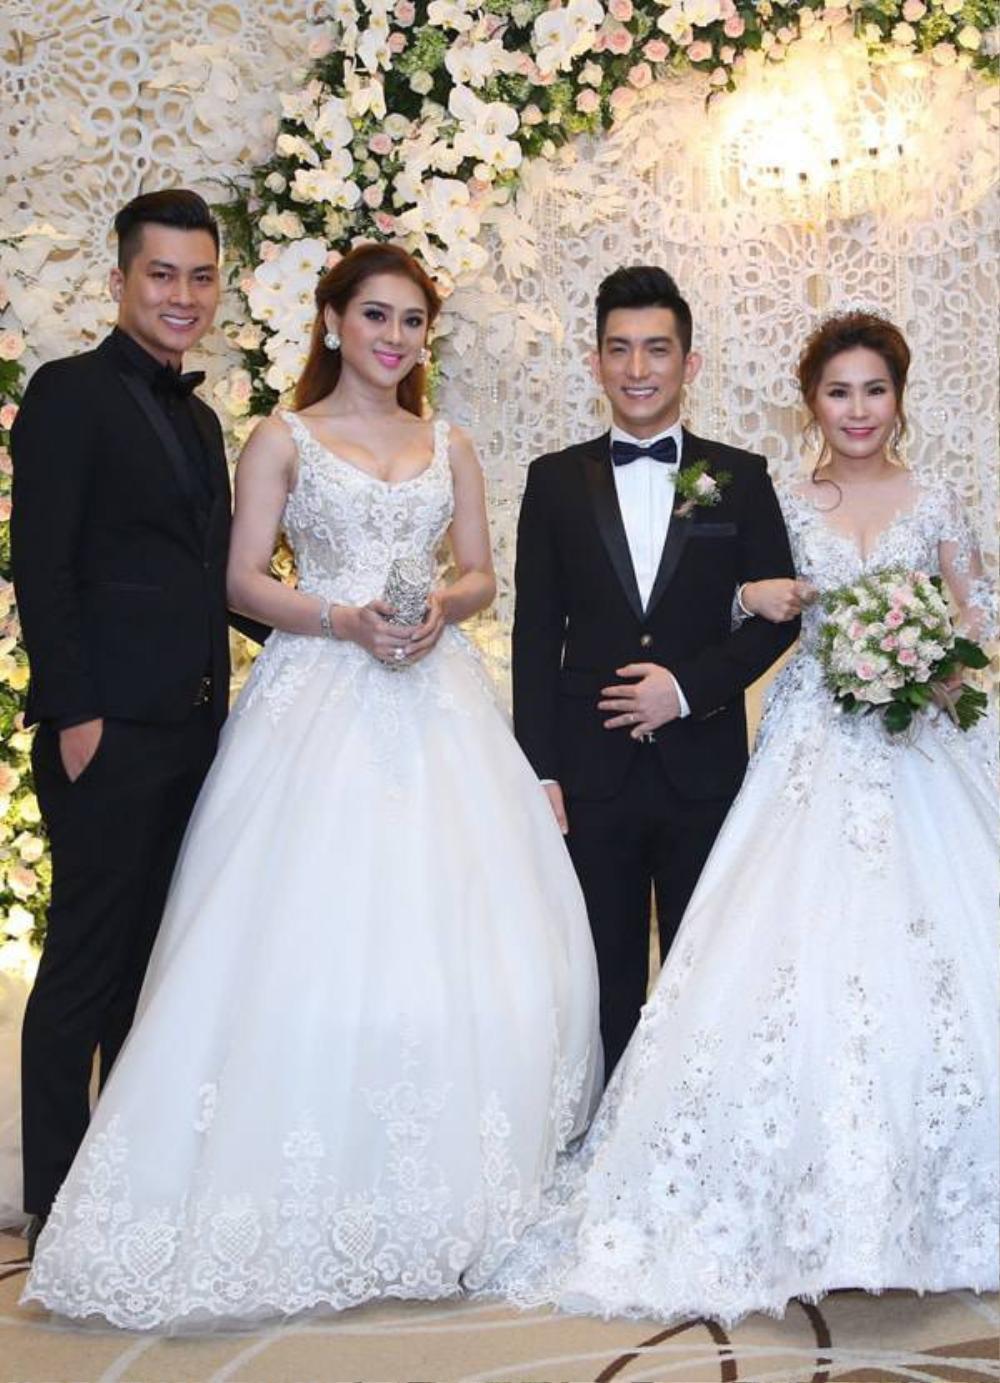 Sao Việt bị la ó vì mặc quá nổi tại đám cưới, riêng Thủy Tiên được khen dù 'lấn át' cô dâu Ảnh 6